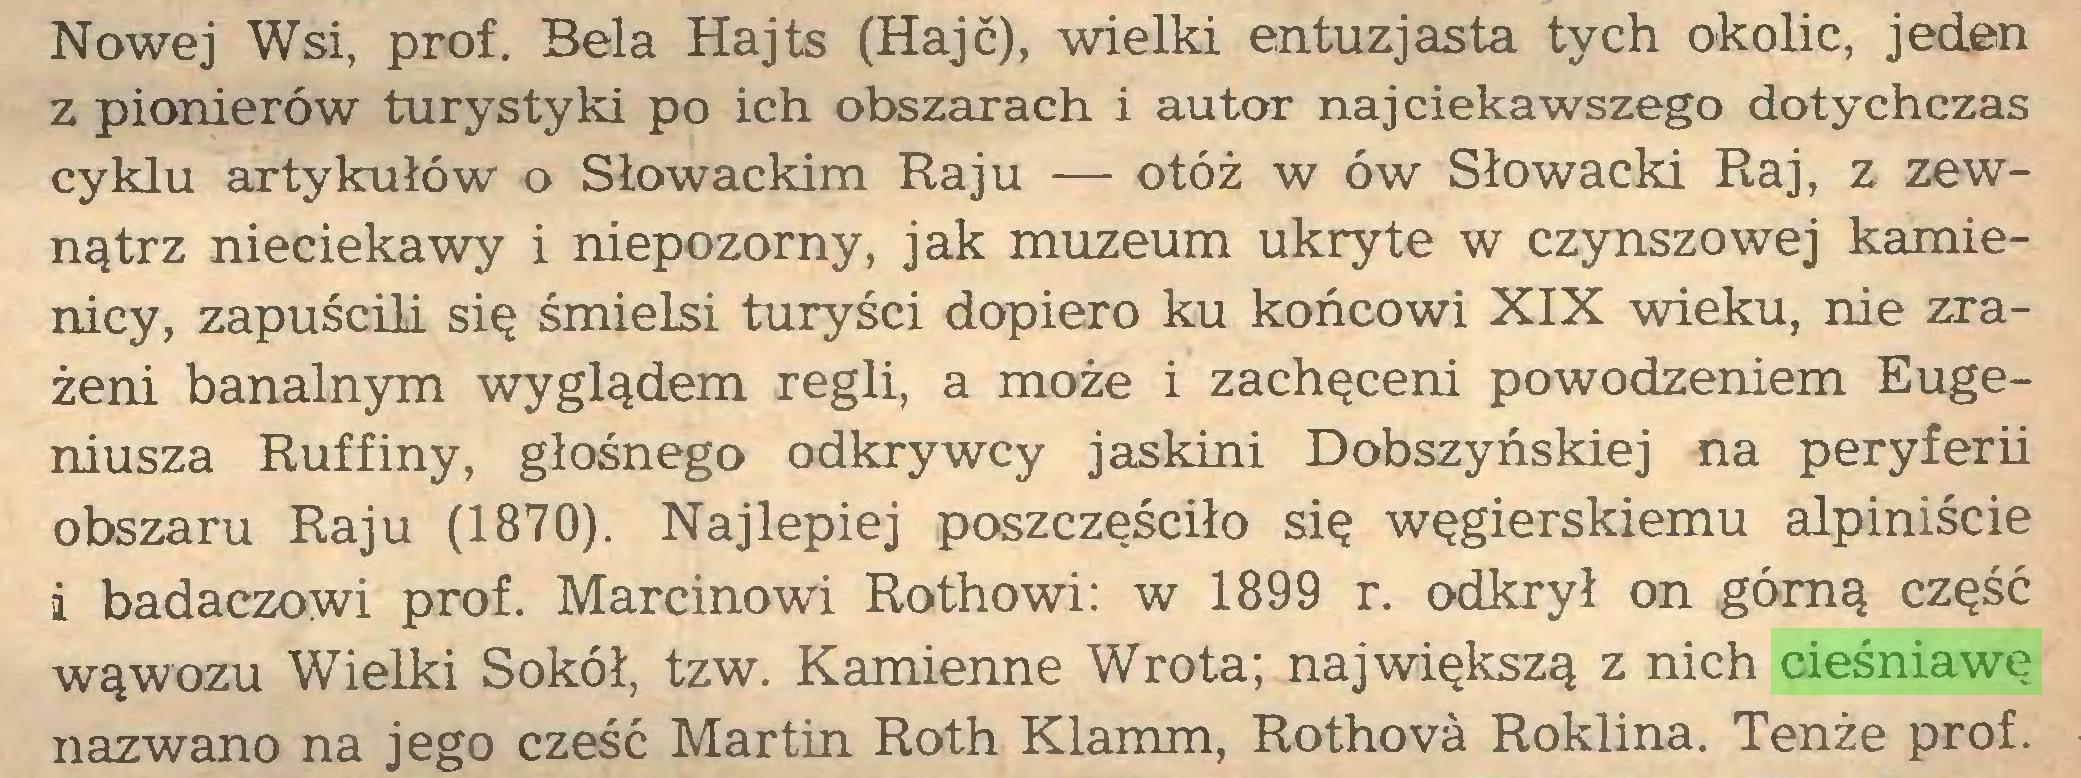 (...) Nowej Wsi, prof. Bela Hajts (Hajc), wielki entuzjasta tych okolic, jeden z pionierów turystyki po ich obszarach i autor najciekawszego dotychczas cyklu artykułów o Słowackim Raju — otóż w ów Słowacki Raj, z zewnątrz nieciekawy i niepozorny, jak muzeum ukryte w czynszowej kamienicy, zapuścili się śmielsi turyści dopiero ku końcowi XIX wieku, nie zrażeni banalnym wyglądem regli, a może i zachęceni powodzeniem Eugeniusza Ruffiny, głośnego odkrywcy jaskini Dobszyńskiej na peryferii obszaru Raju (1870). Najlepiej poszczęściło się węgierskiemu alpiniście i badaczowi prof. Marcinowi Rothowi: w 1899 r. odkrył on górną część wąwozu Wielki Sokół, tzw. Kamienne Wrota; największą z nich cieśniawę nazwano na jego cześć Martin Roth Klamm, Rothova Roklina. Tenże prof...